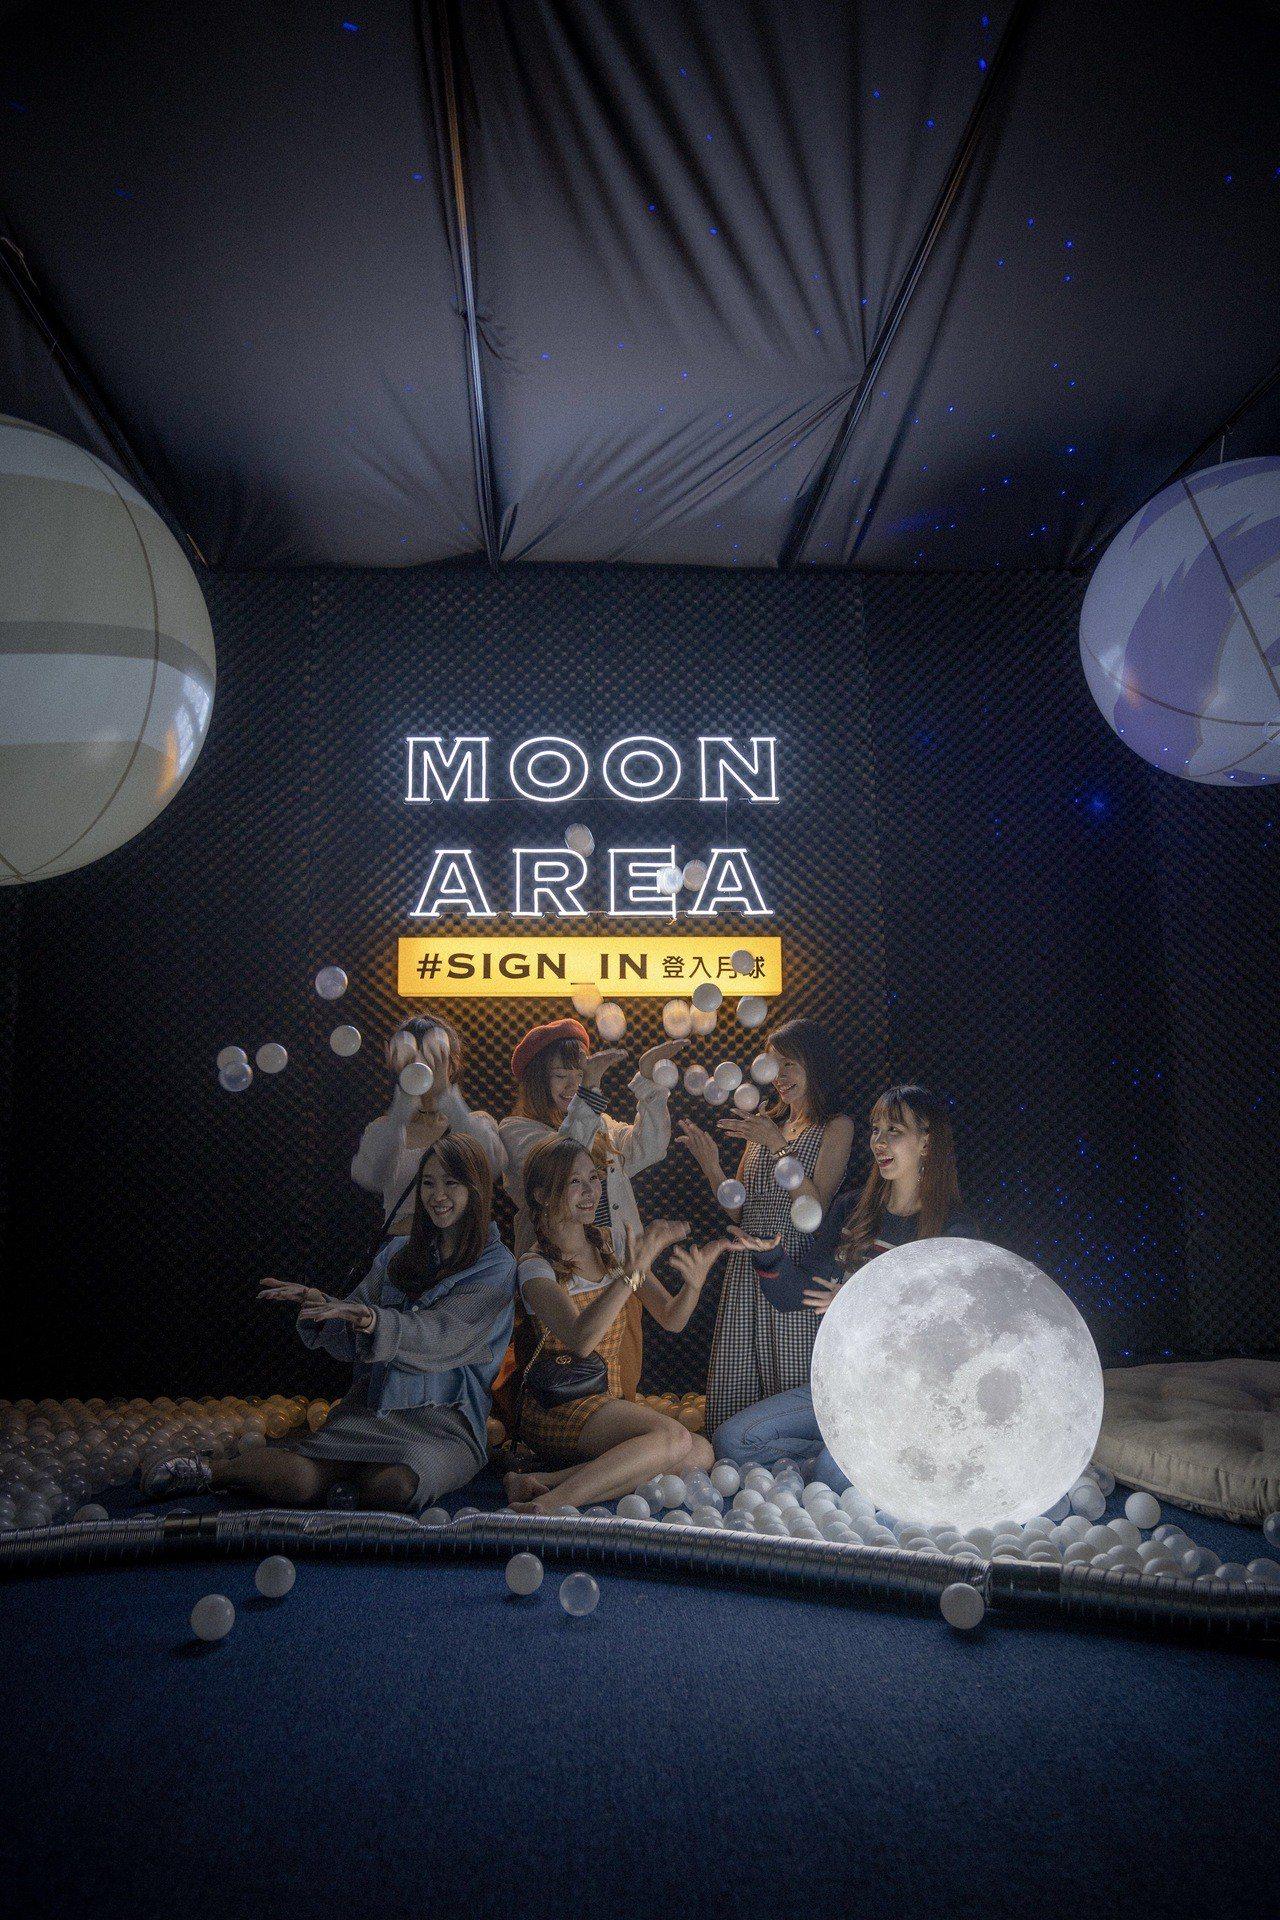 新光三越A11 6F信義劇場「SIGN IN登入月球」。圖/新光三越提供